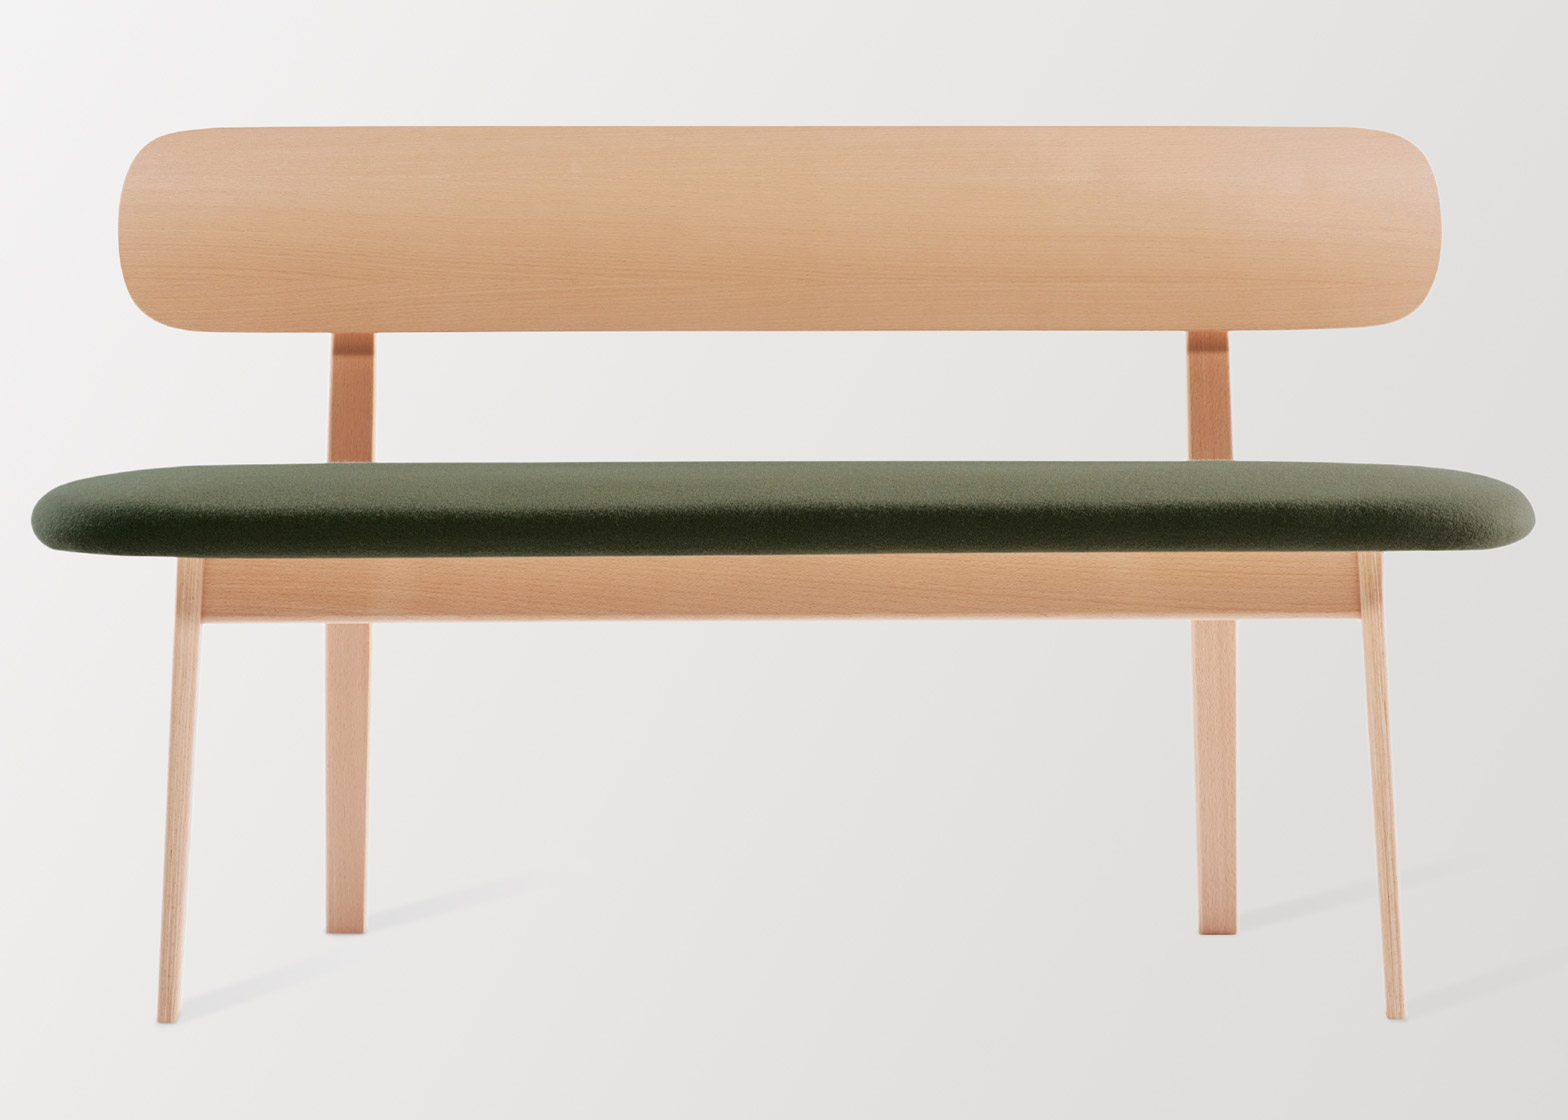 Коллекция офисной мебели: деревянная скамья